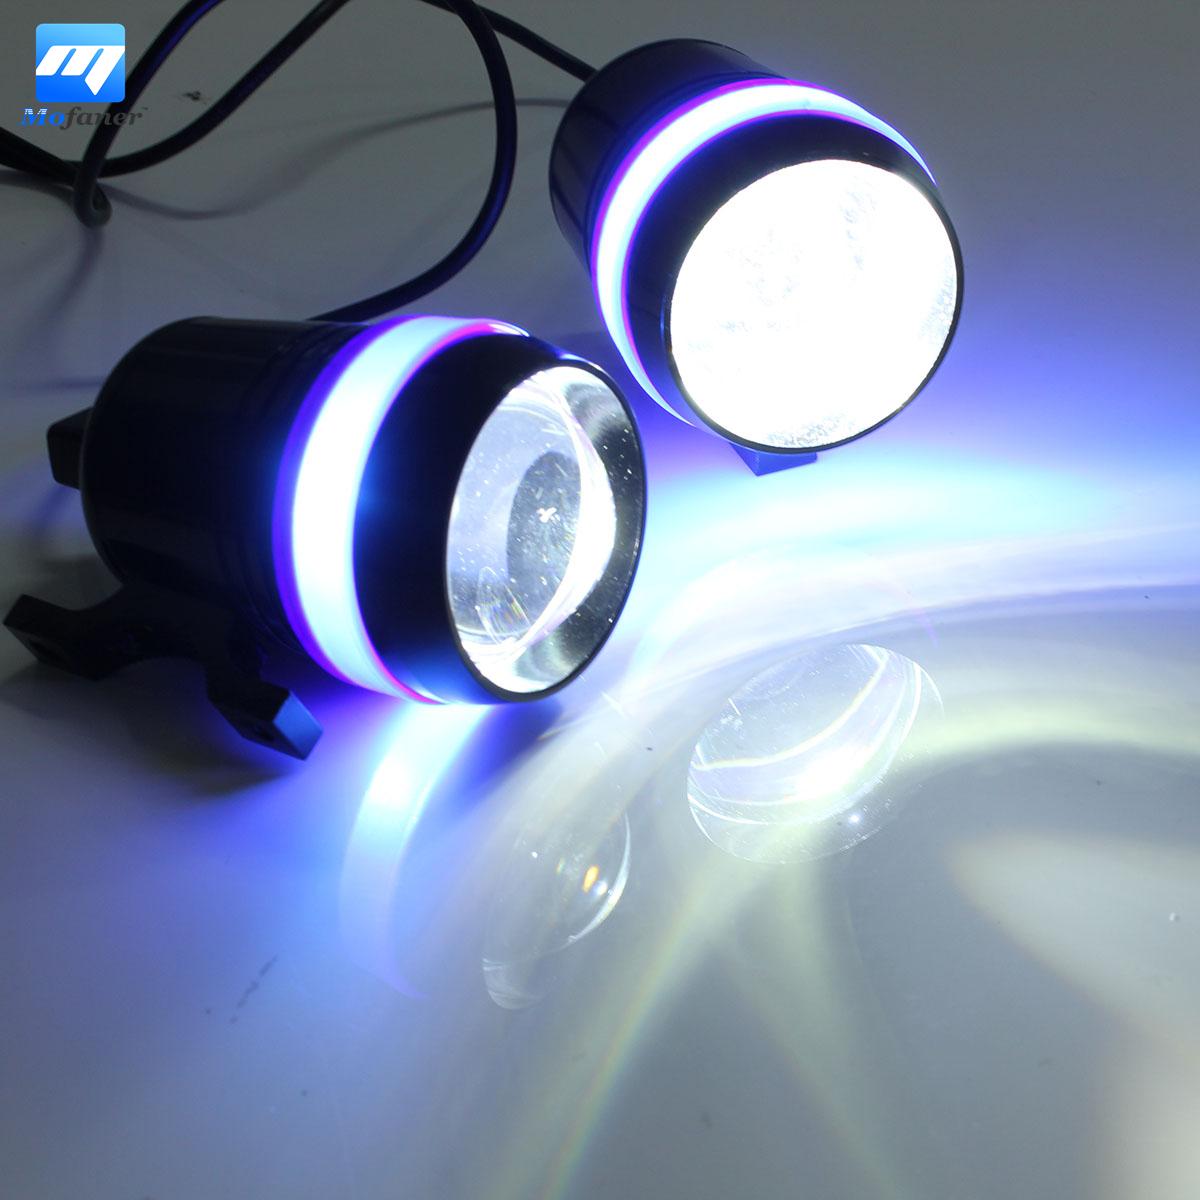 1 Pair 12V 30W Motorcycle Scooter LED Headlight Driving Fog Spot Light Angel Eye Lamp For Yamaha For Honda For kawasaki